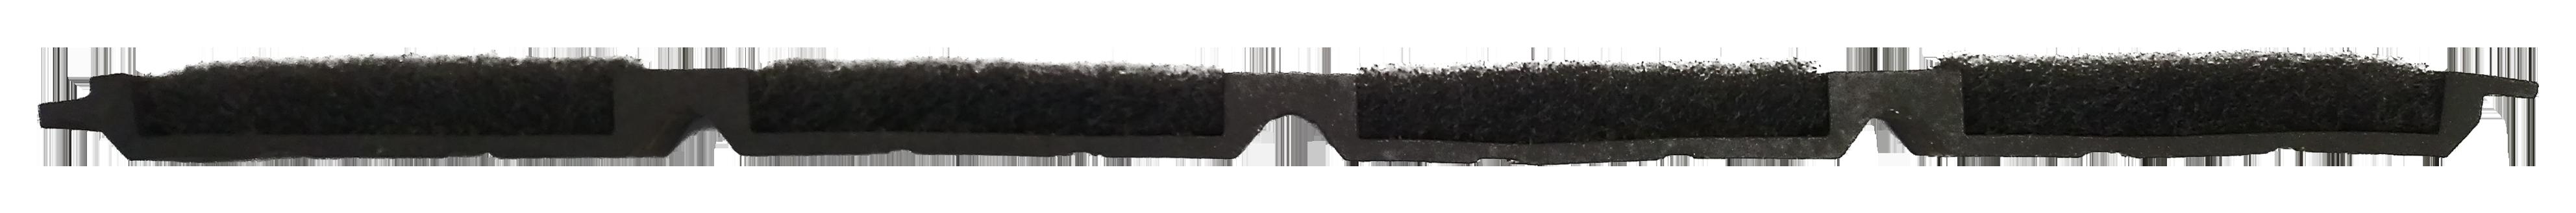 TRCLV - TR-936 VENTED CLOSURE